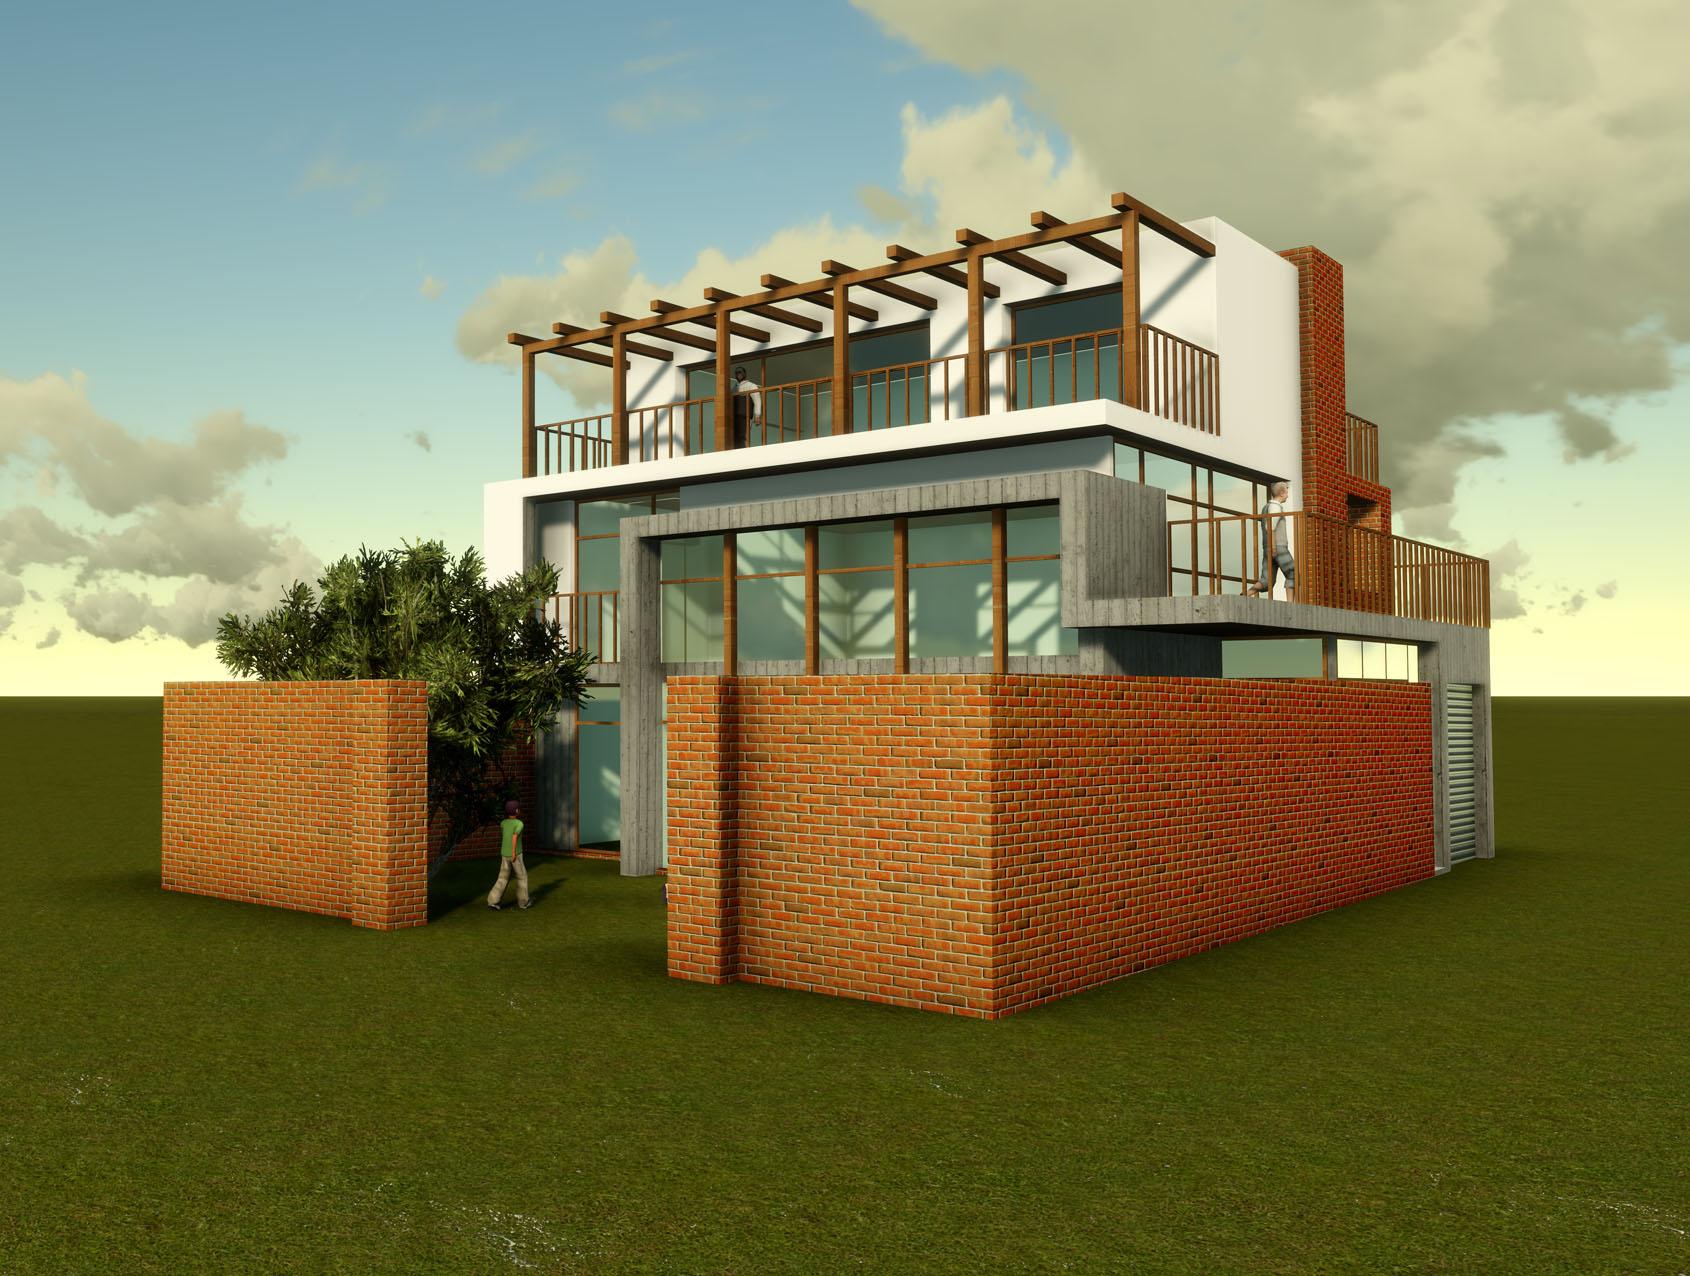 19509号自建房设计效果图绿色建筑设计  设计说明: 方案风格为现代